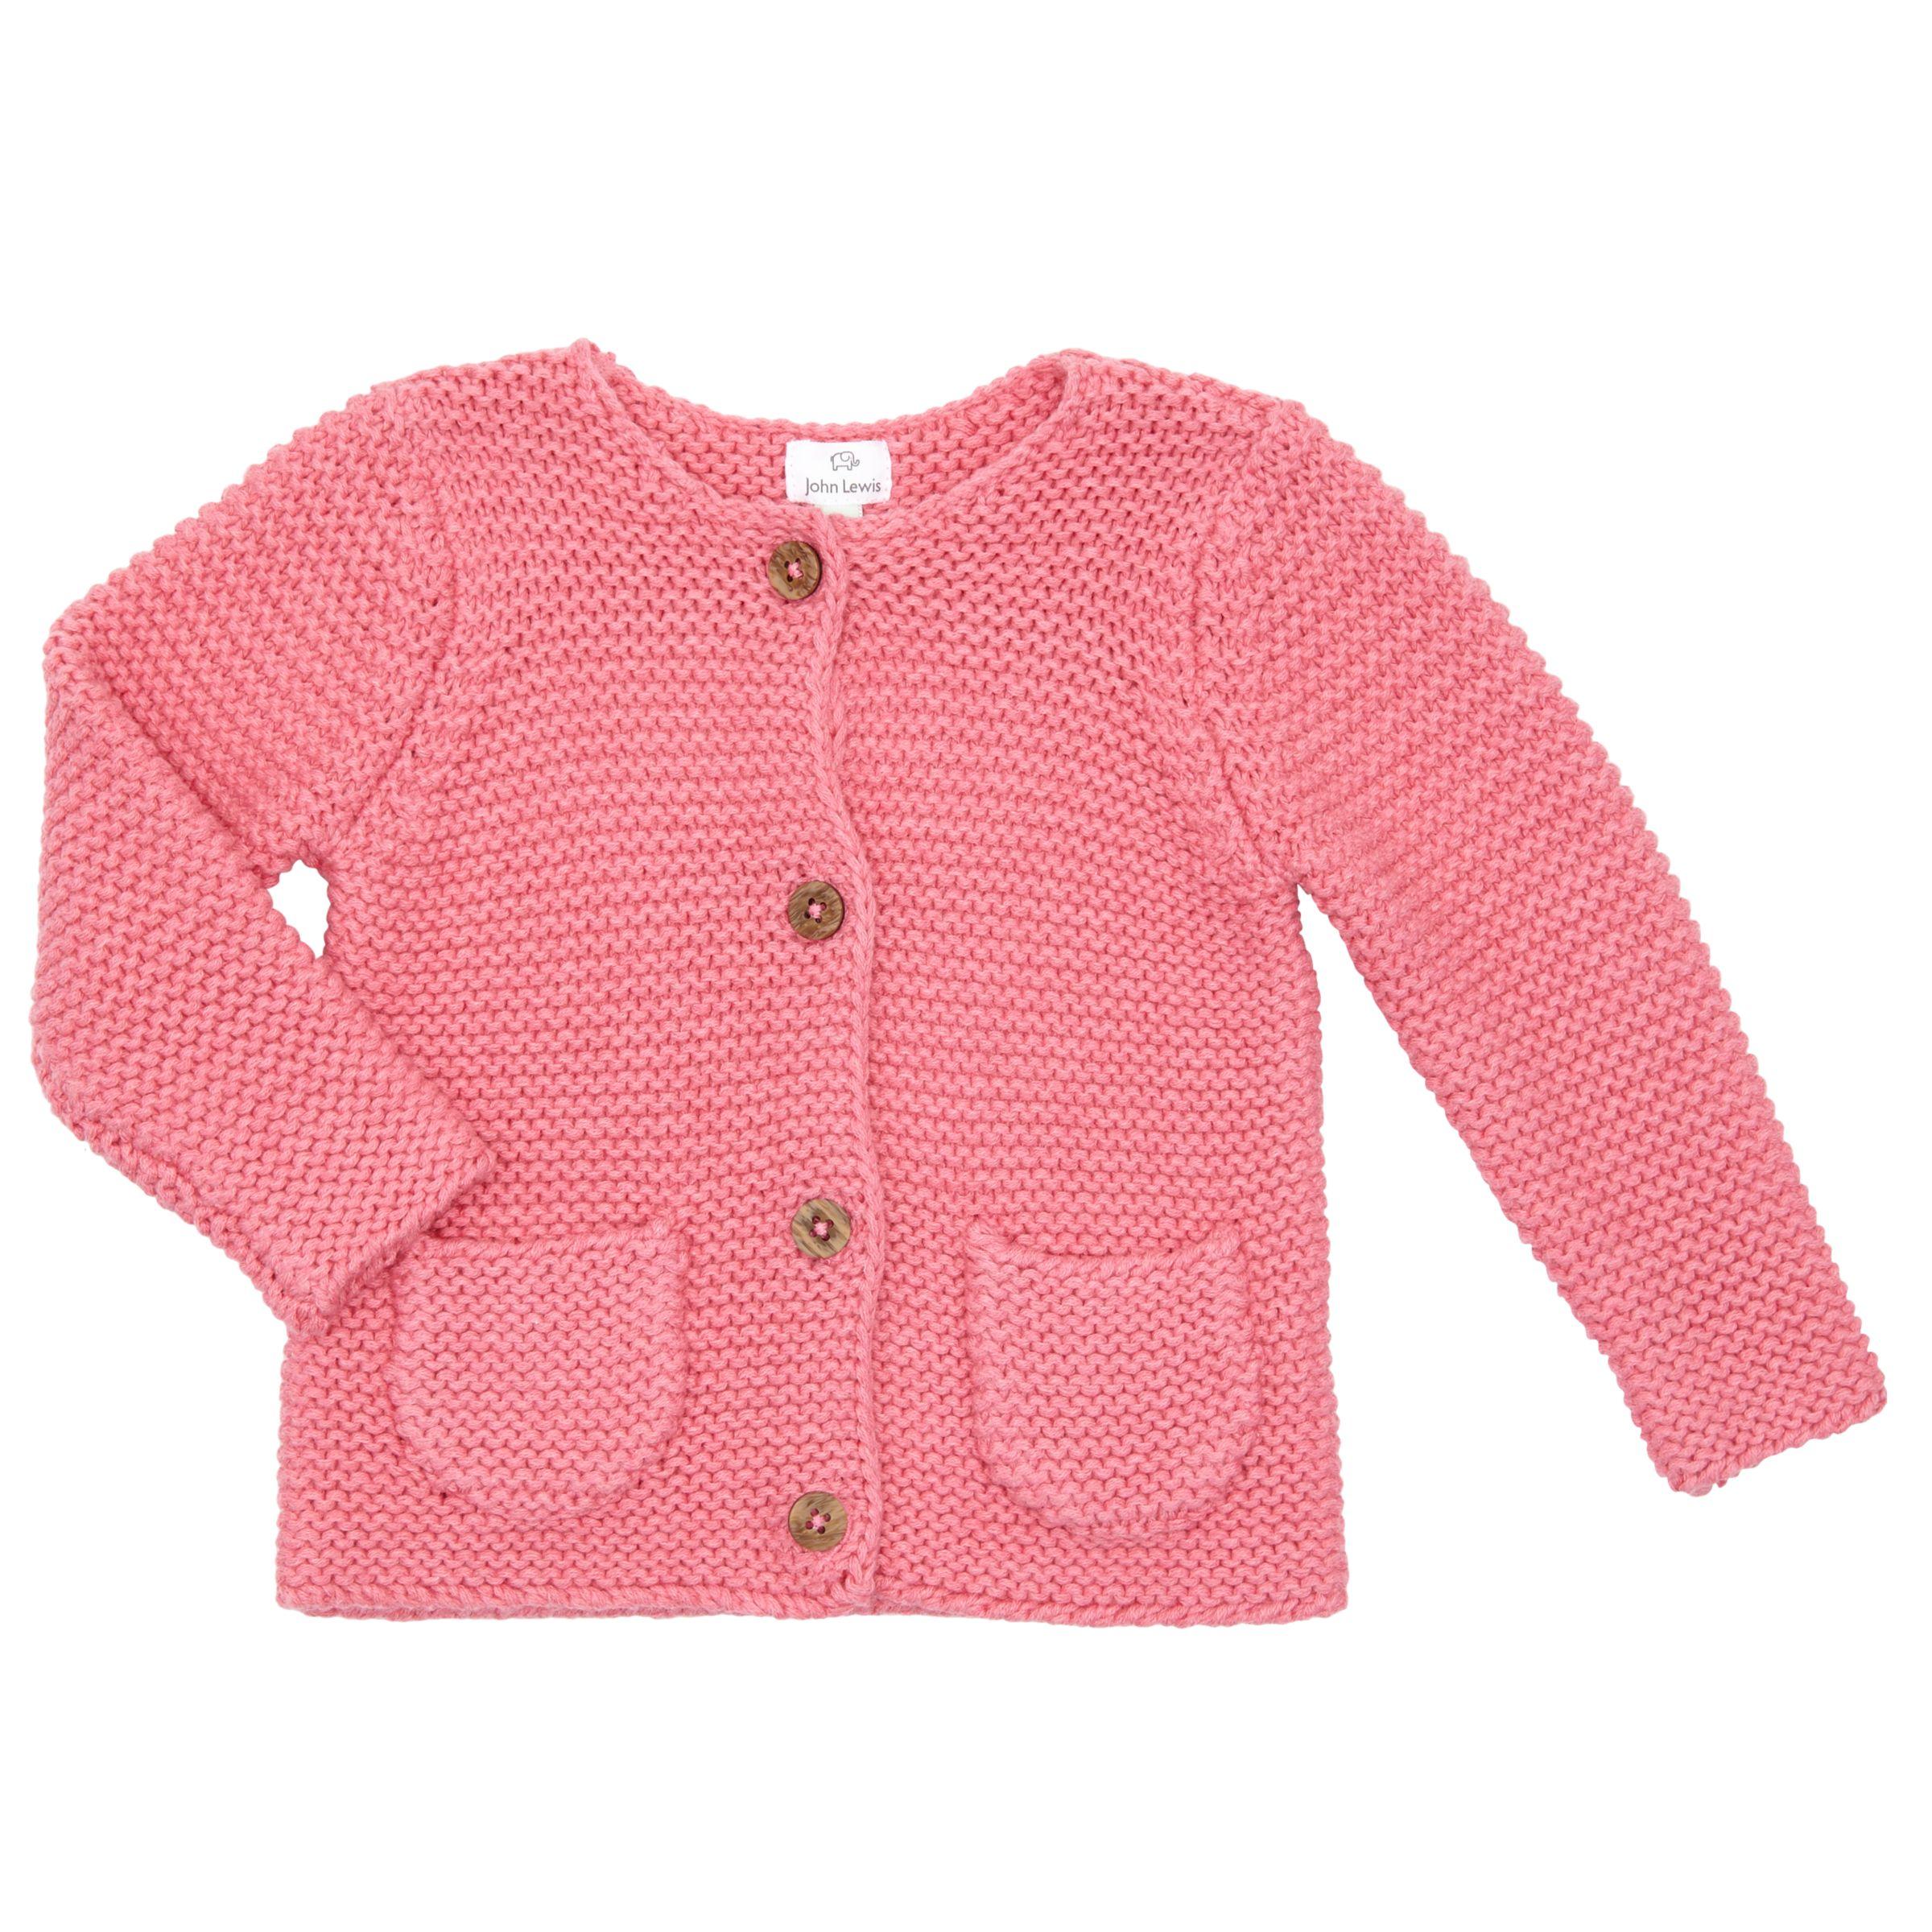 John Lewis John Lewis Baby Chunky Knit Cardigan